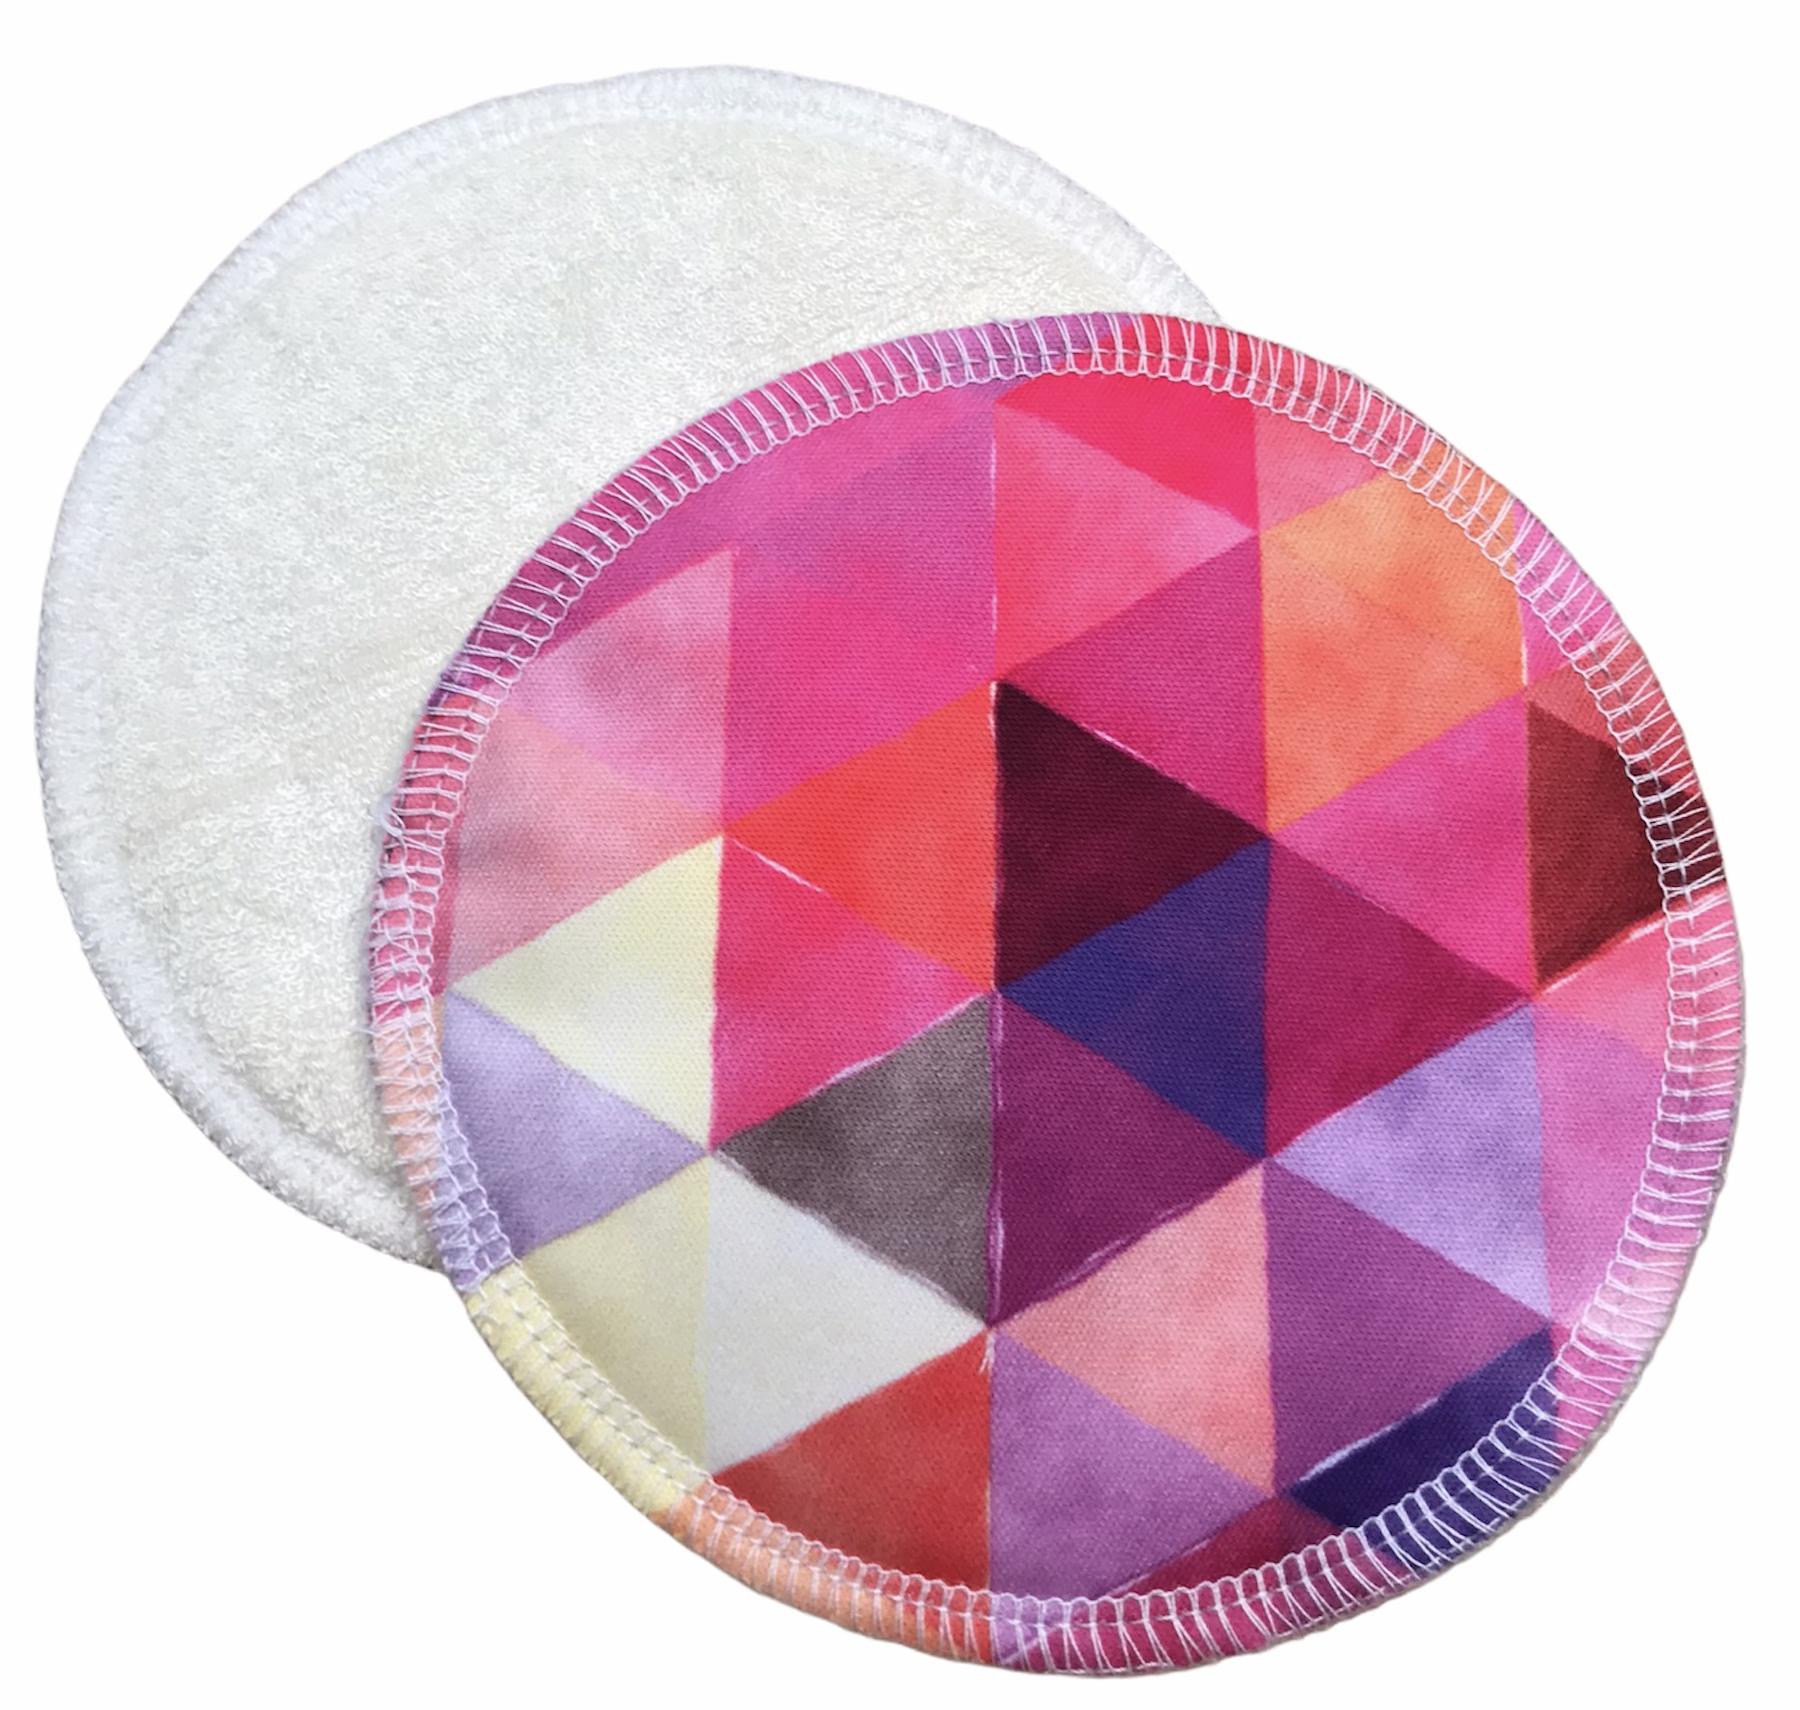 Jak vybrat látkové kojicí vložky a jak o ně správně pečovat?